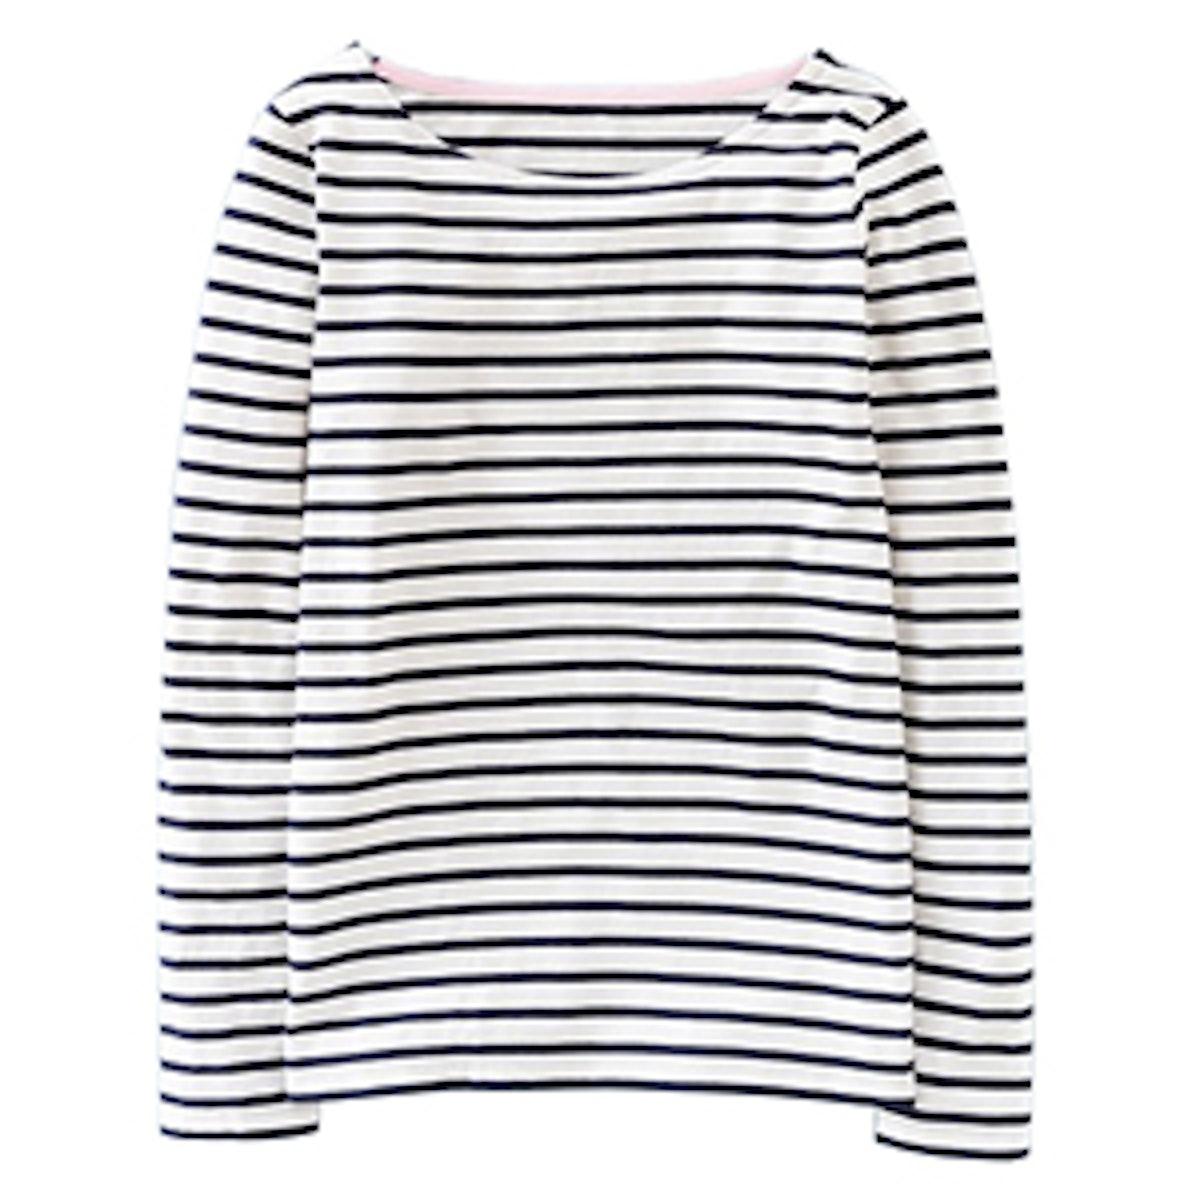 Breton Striped Top